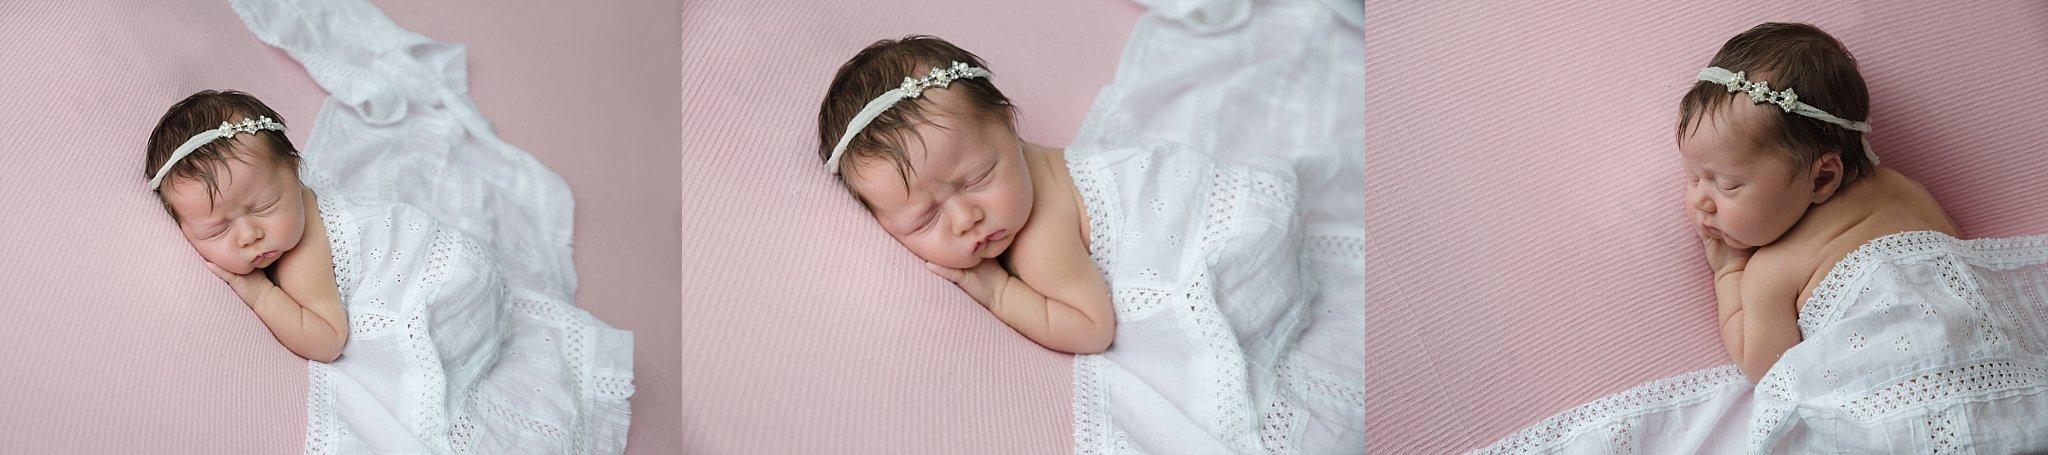 columbus_ohio_newborn_photographer_0102.jpg